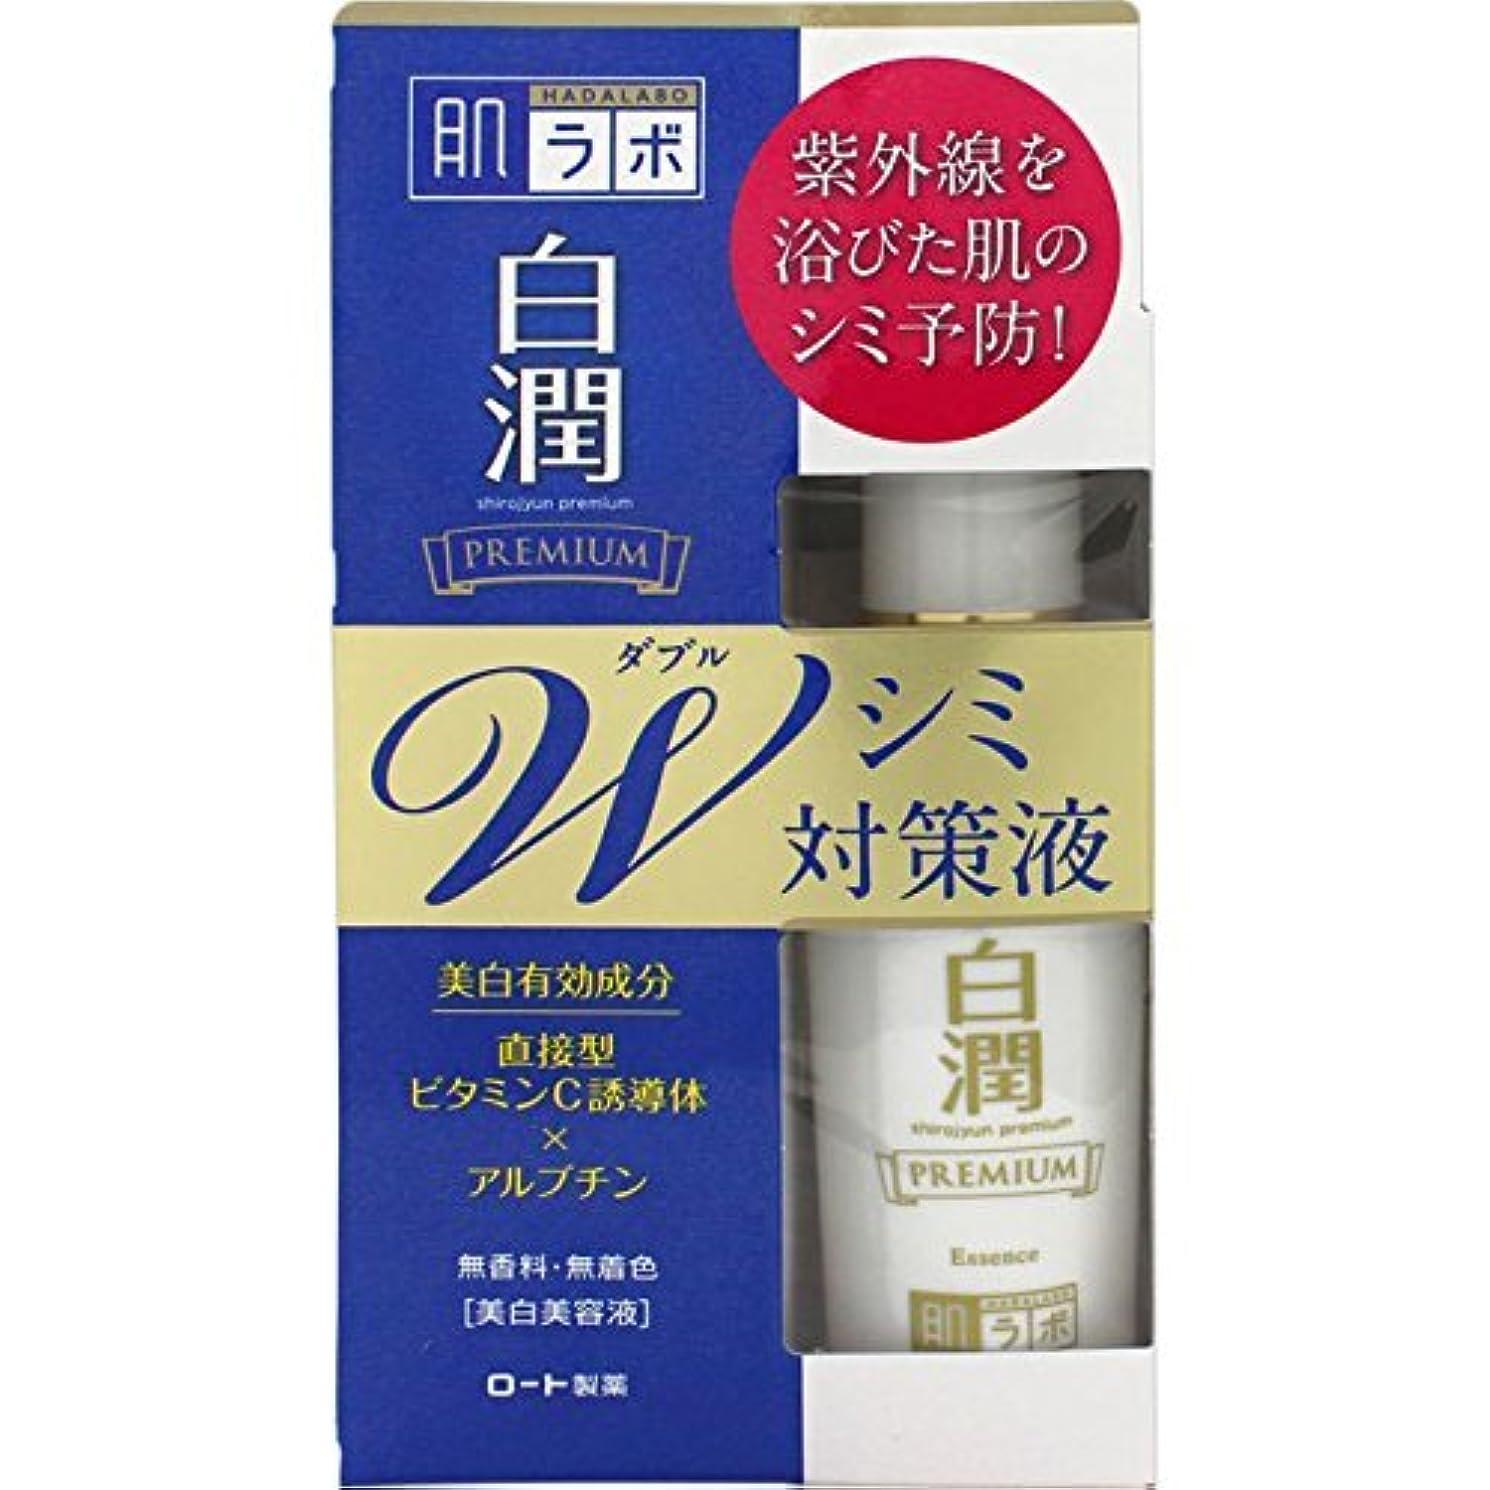 オリエンテーションメドレー荒廃する肌ラボ 白潤 プレミアムW美白美容液 40mL (医薬部外品)×7